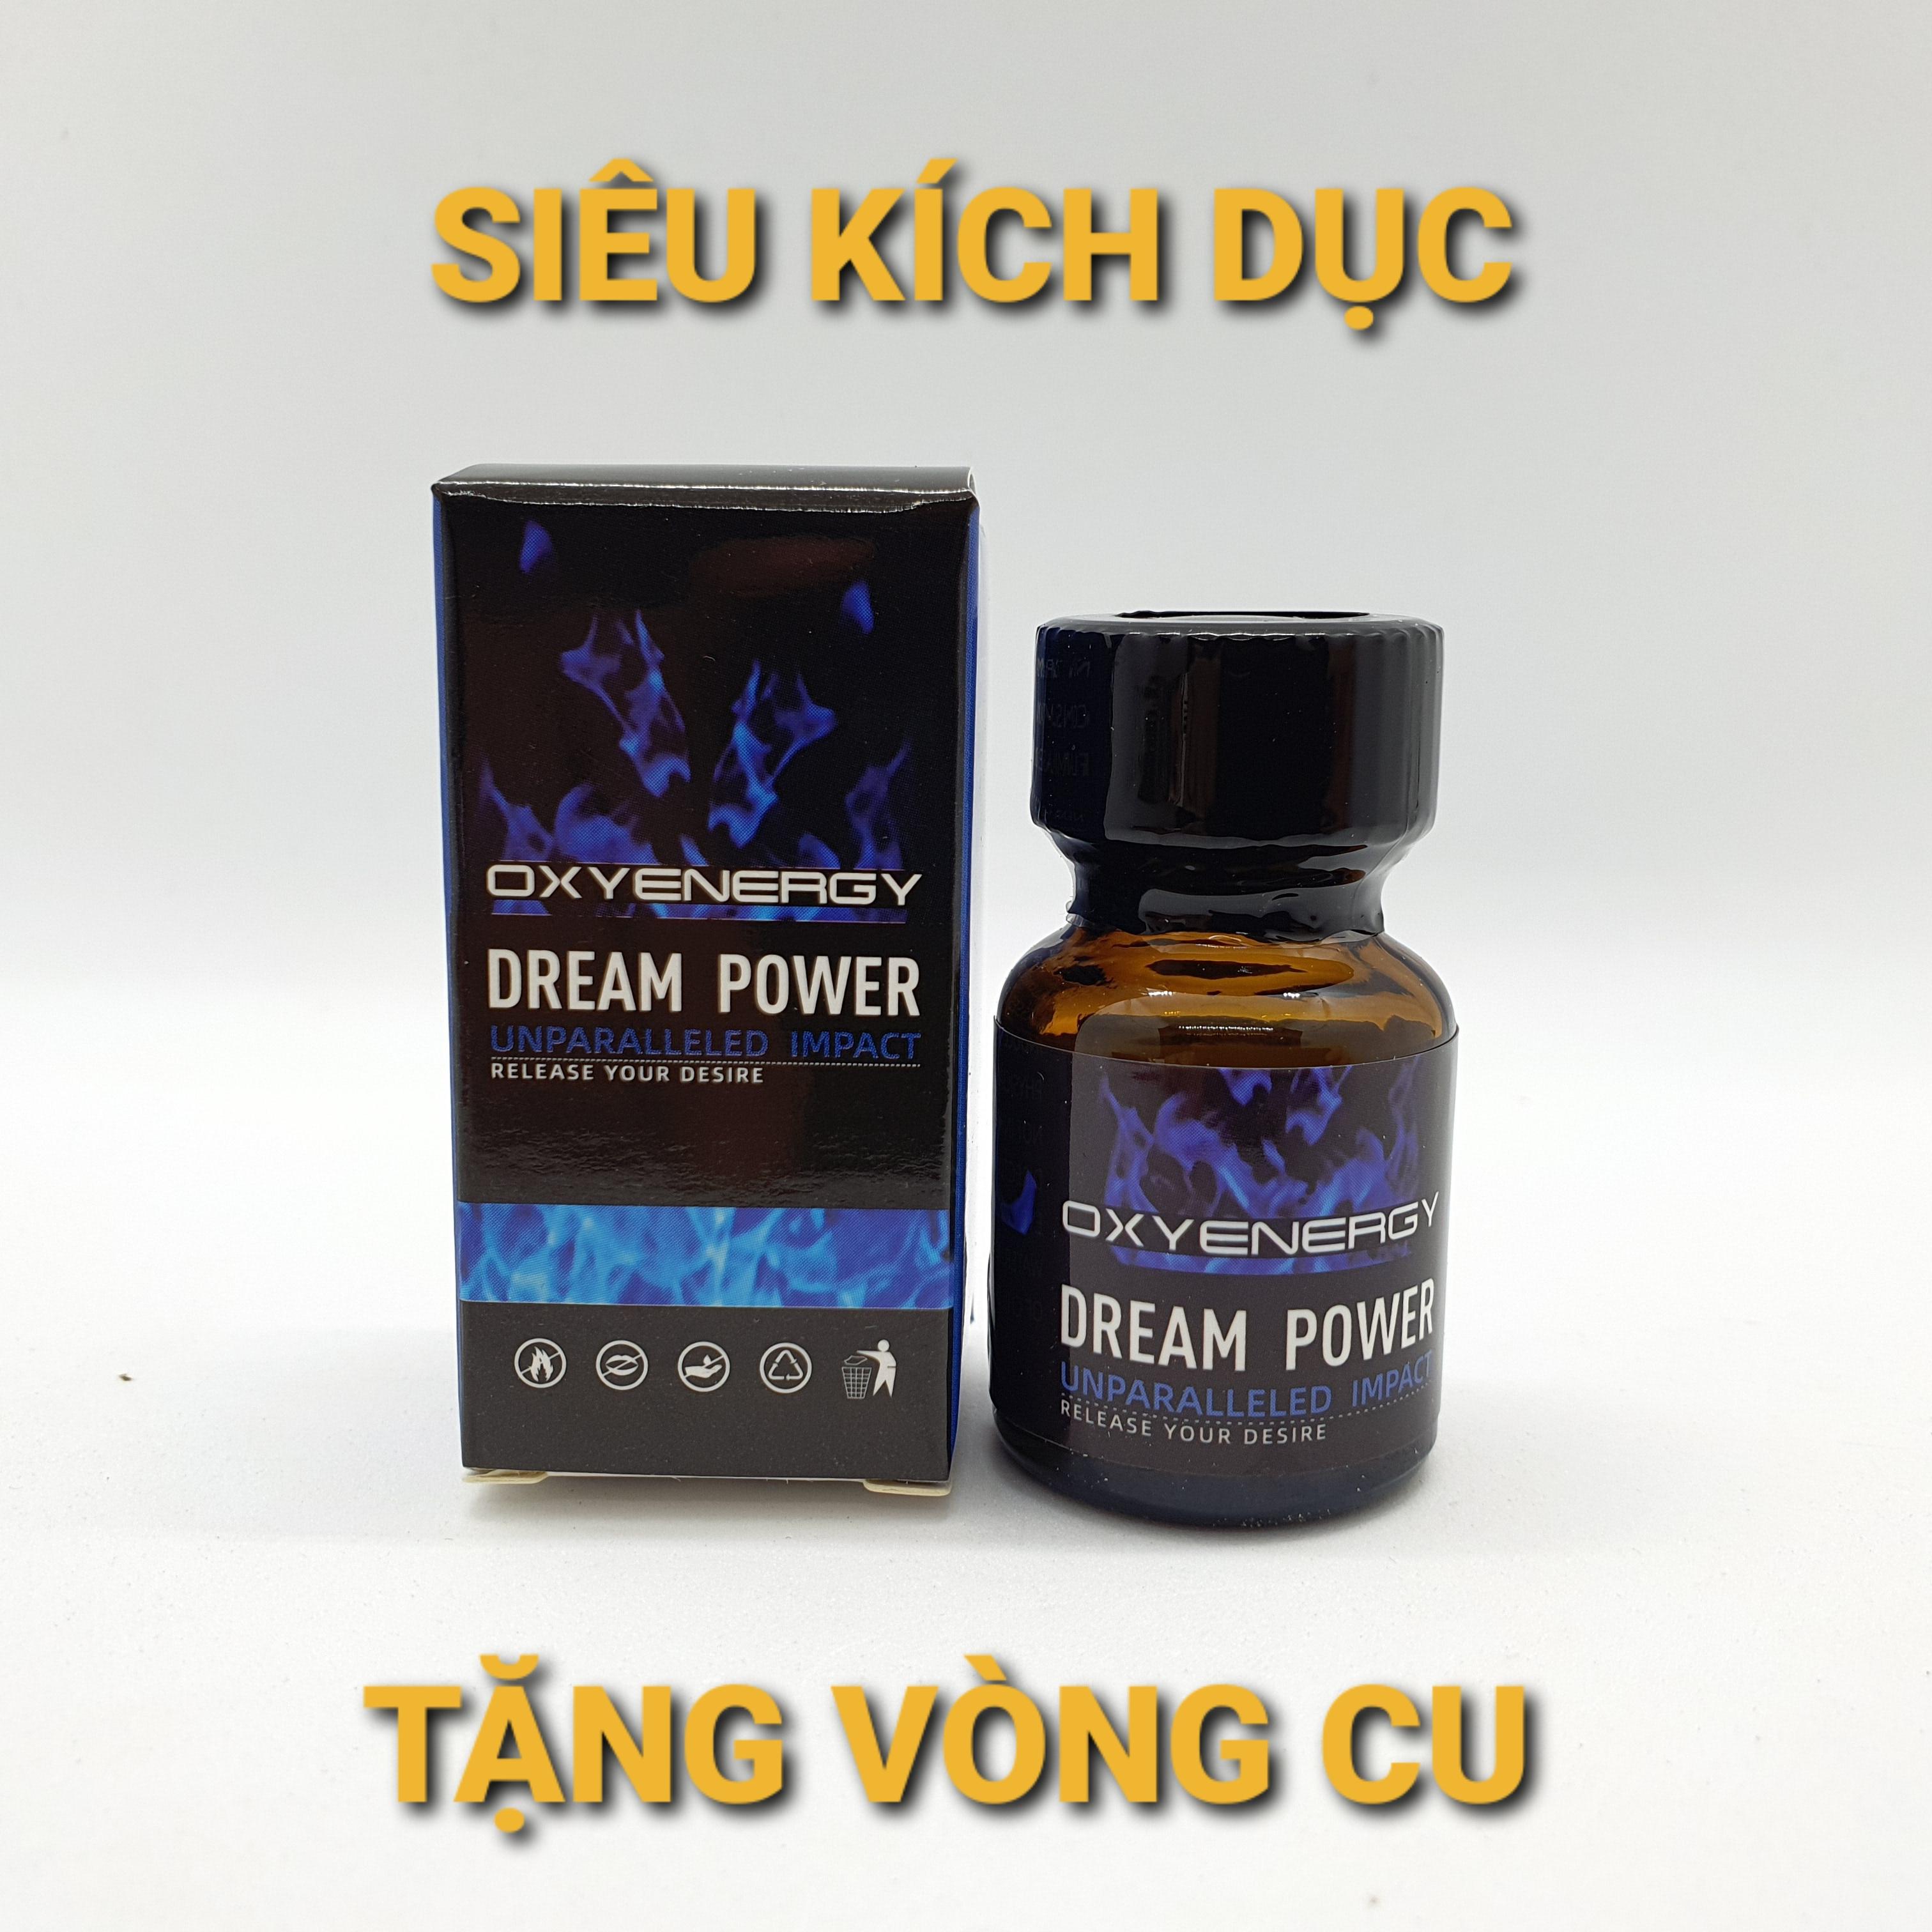 POPPERSIÊU KÍCH DỤC DREAM POWER 10ml Tặng 1 bộ vòng cu lâu xuất tinh.